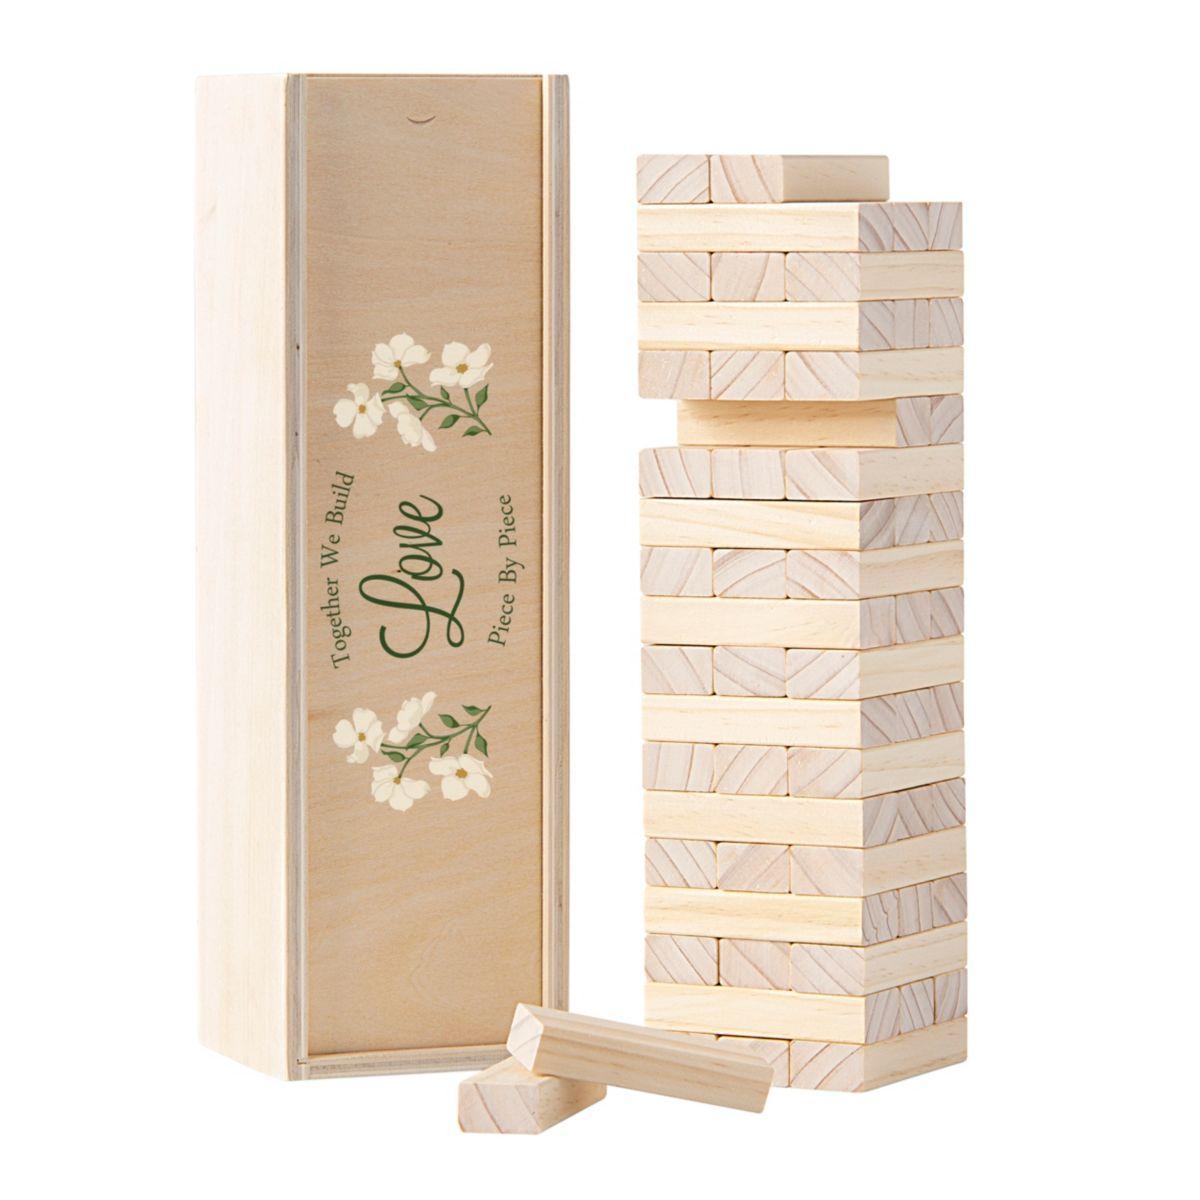 Floral Building Block Wedding Guestbook